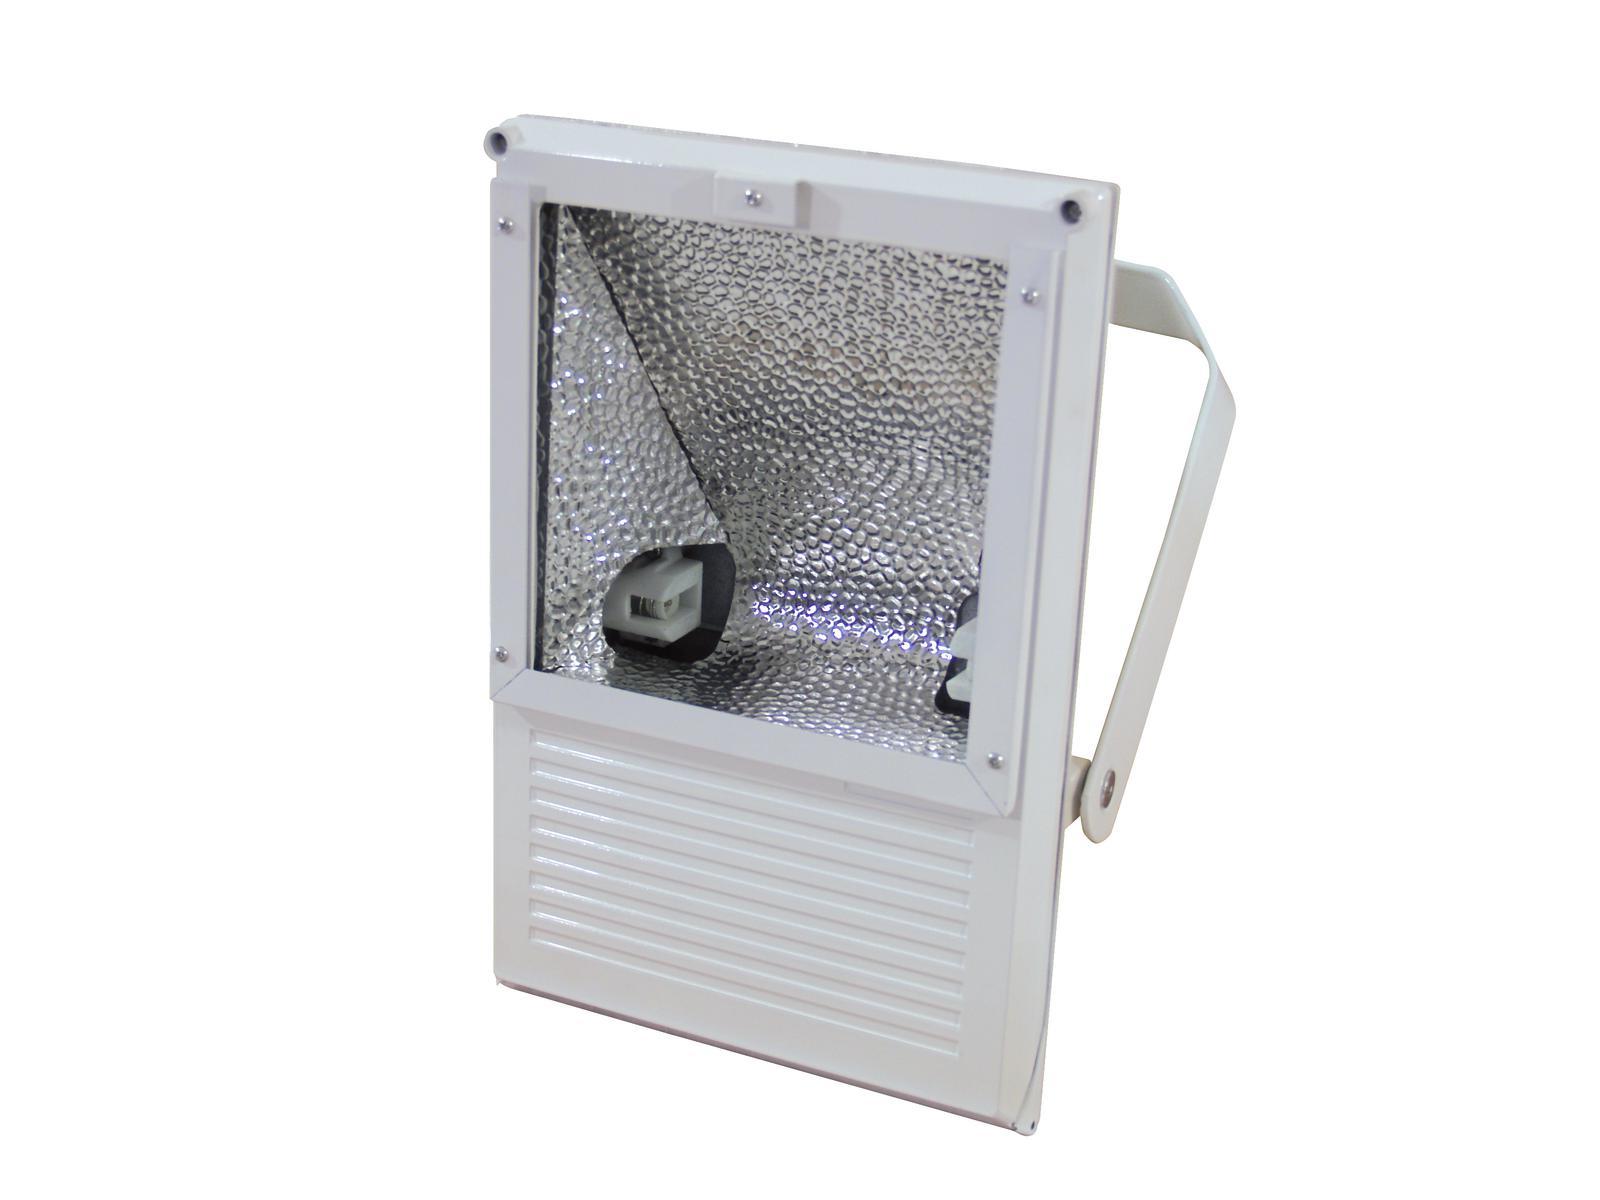 EUROLITE Proiettore da esterno da 250 Watt WFL bianco A